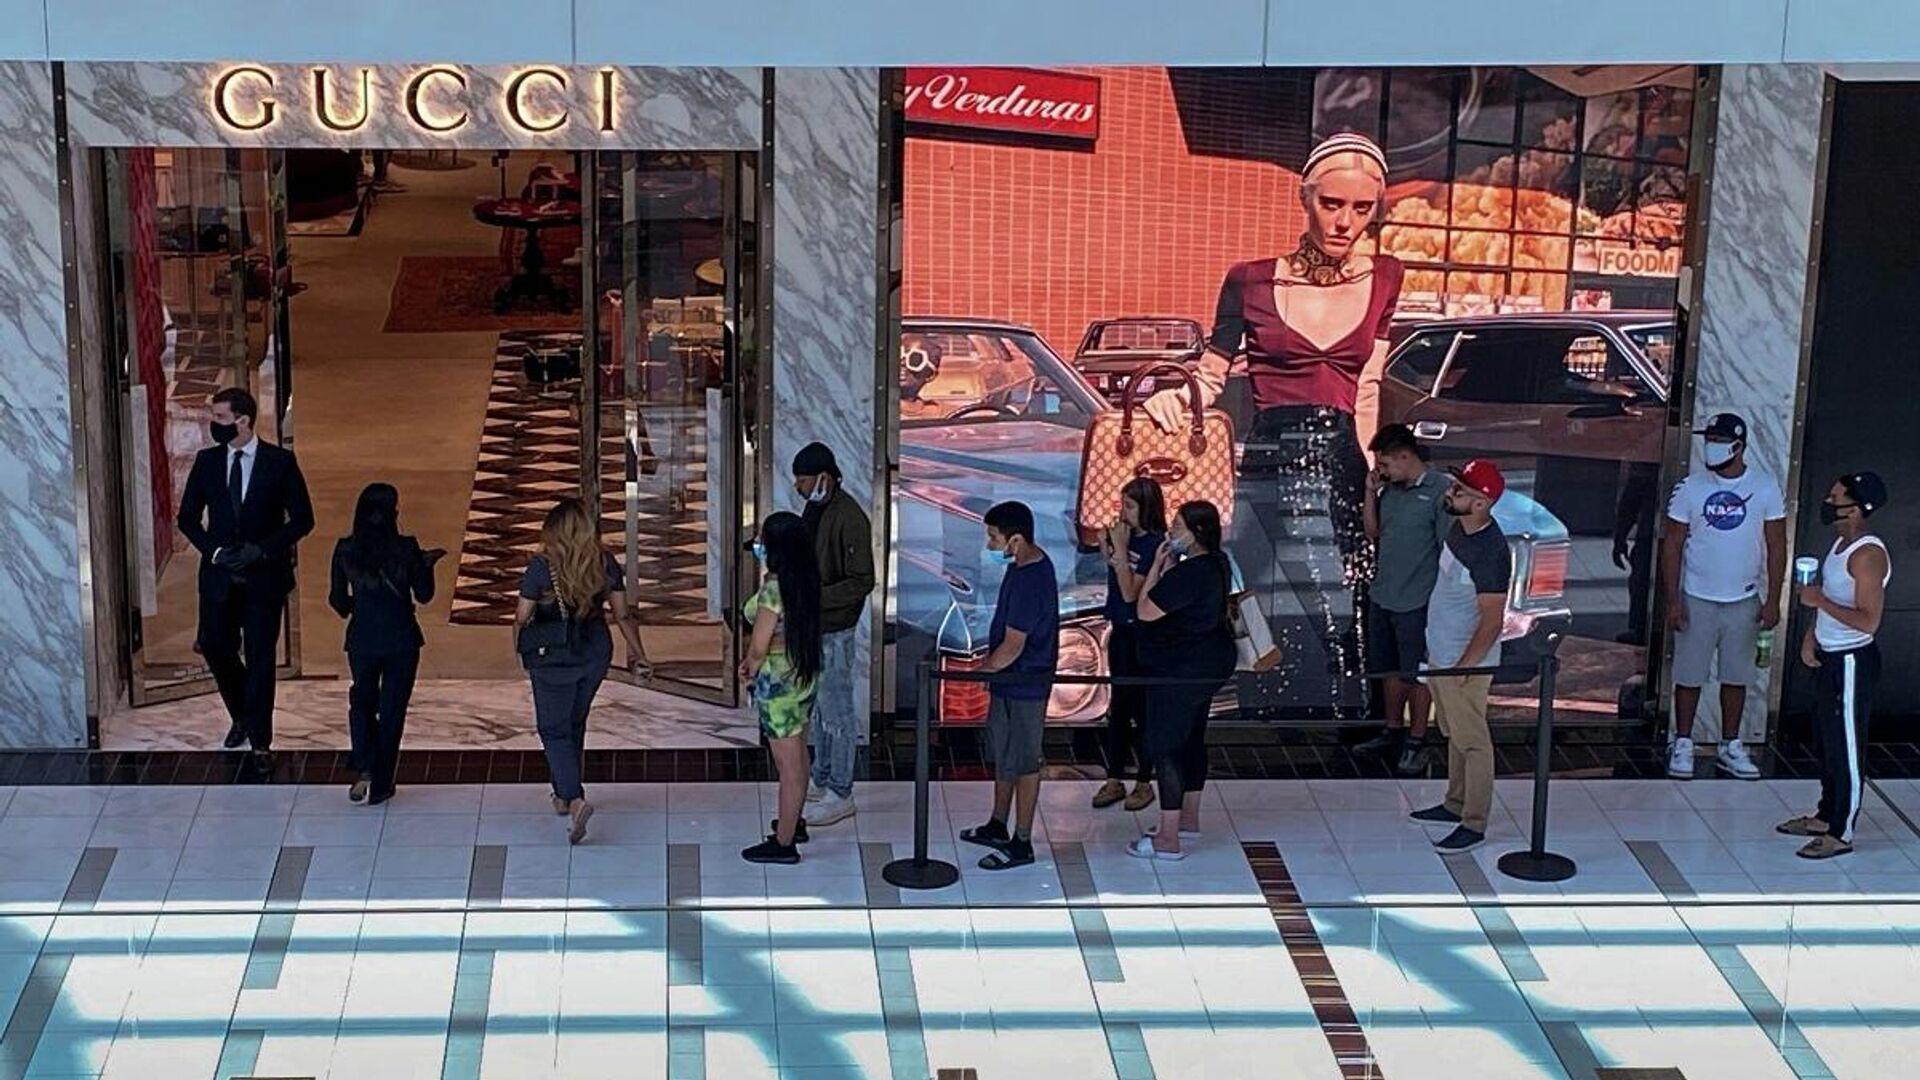 Unas personas hacen cola para entrar en una tienda de moda de Gucci en el Centro Comercial The Galleria, Houston, Texas - Sputnik Mundo, 1920, 04.03.2021